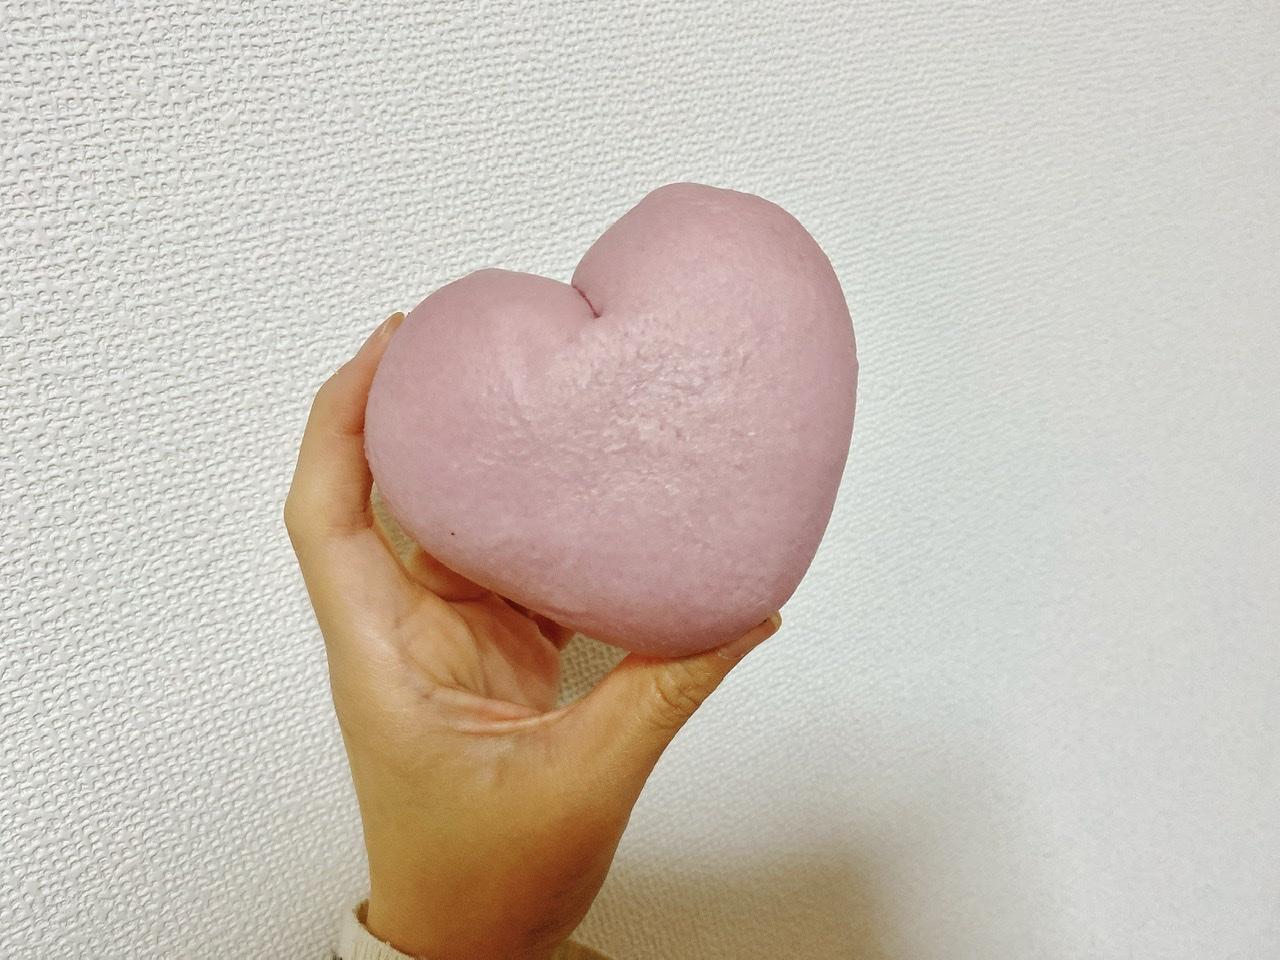 【セブン-イレブン】スノストコラボ第2弾!《#ちょっぴりビター ハートの生チョコまん》が可愛すぎ♡_4